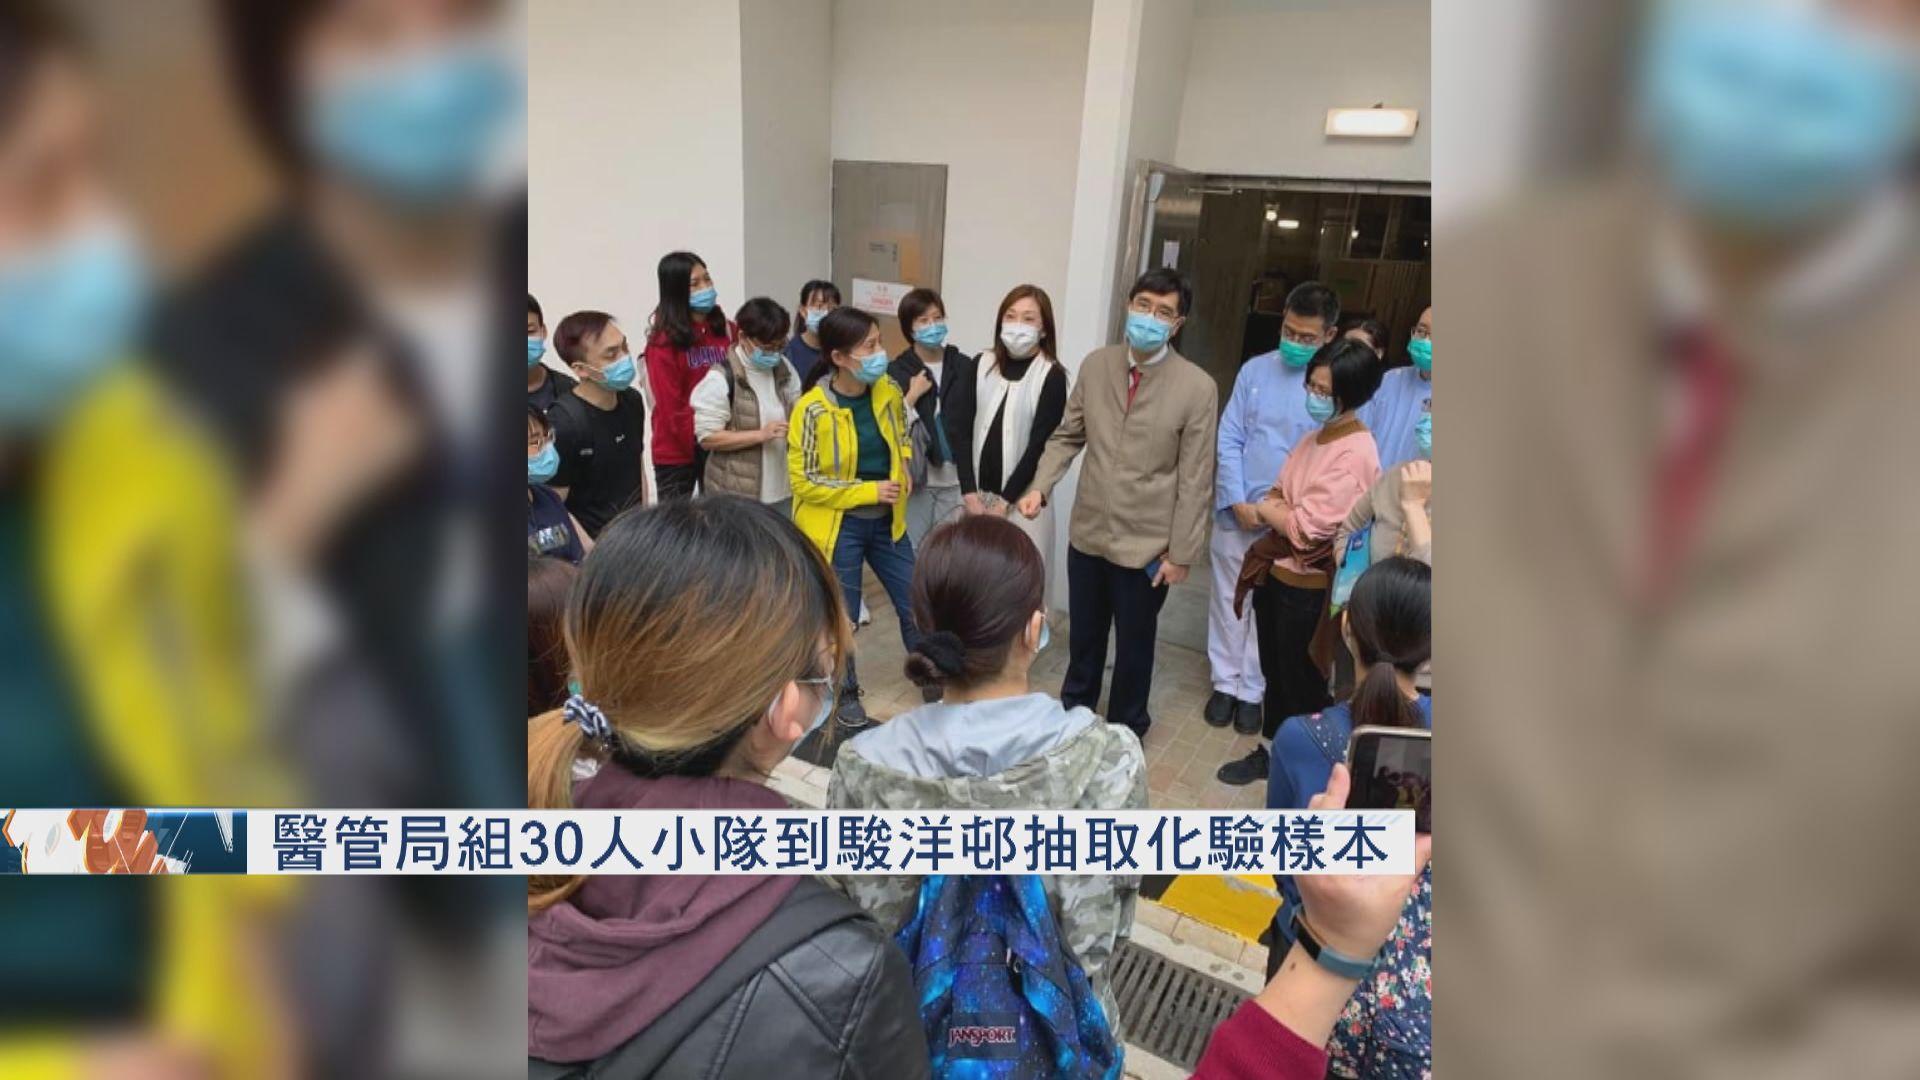 醫管局組30人小隊到駿洋邨抽取化驗樣本